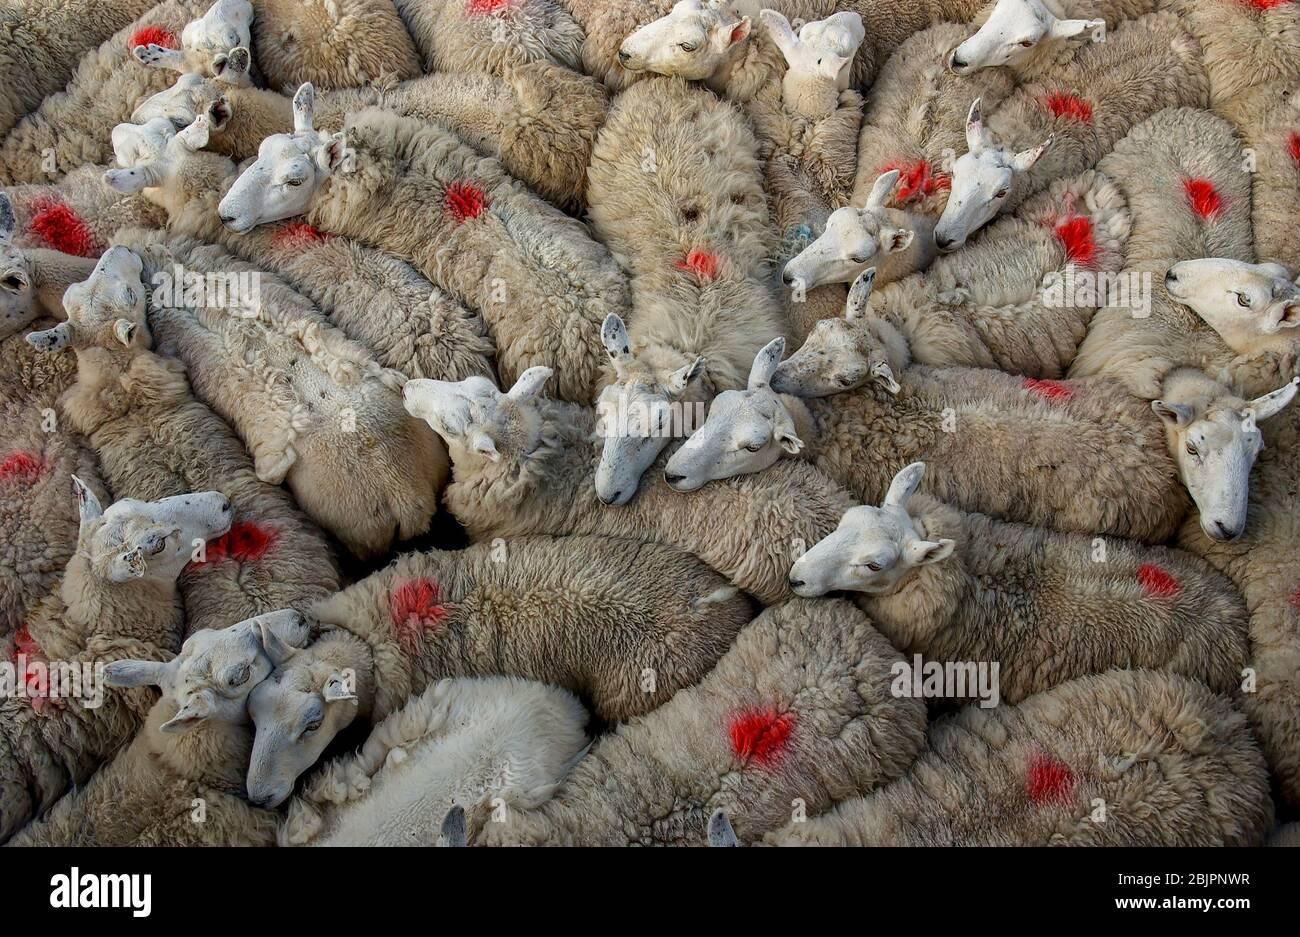 Les moutons se sont rassemblés dans un stylo attendant d'être cisaillé, île d'Eigg, Inner Hebrides, Ecosse. Banque D'Images